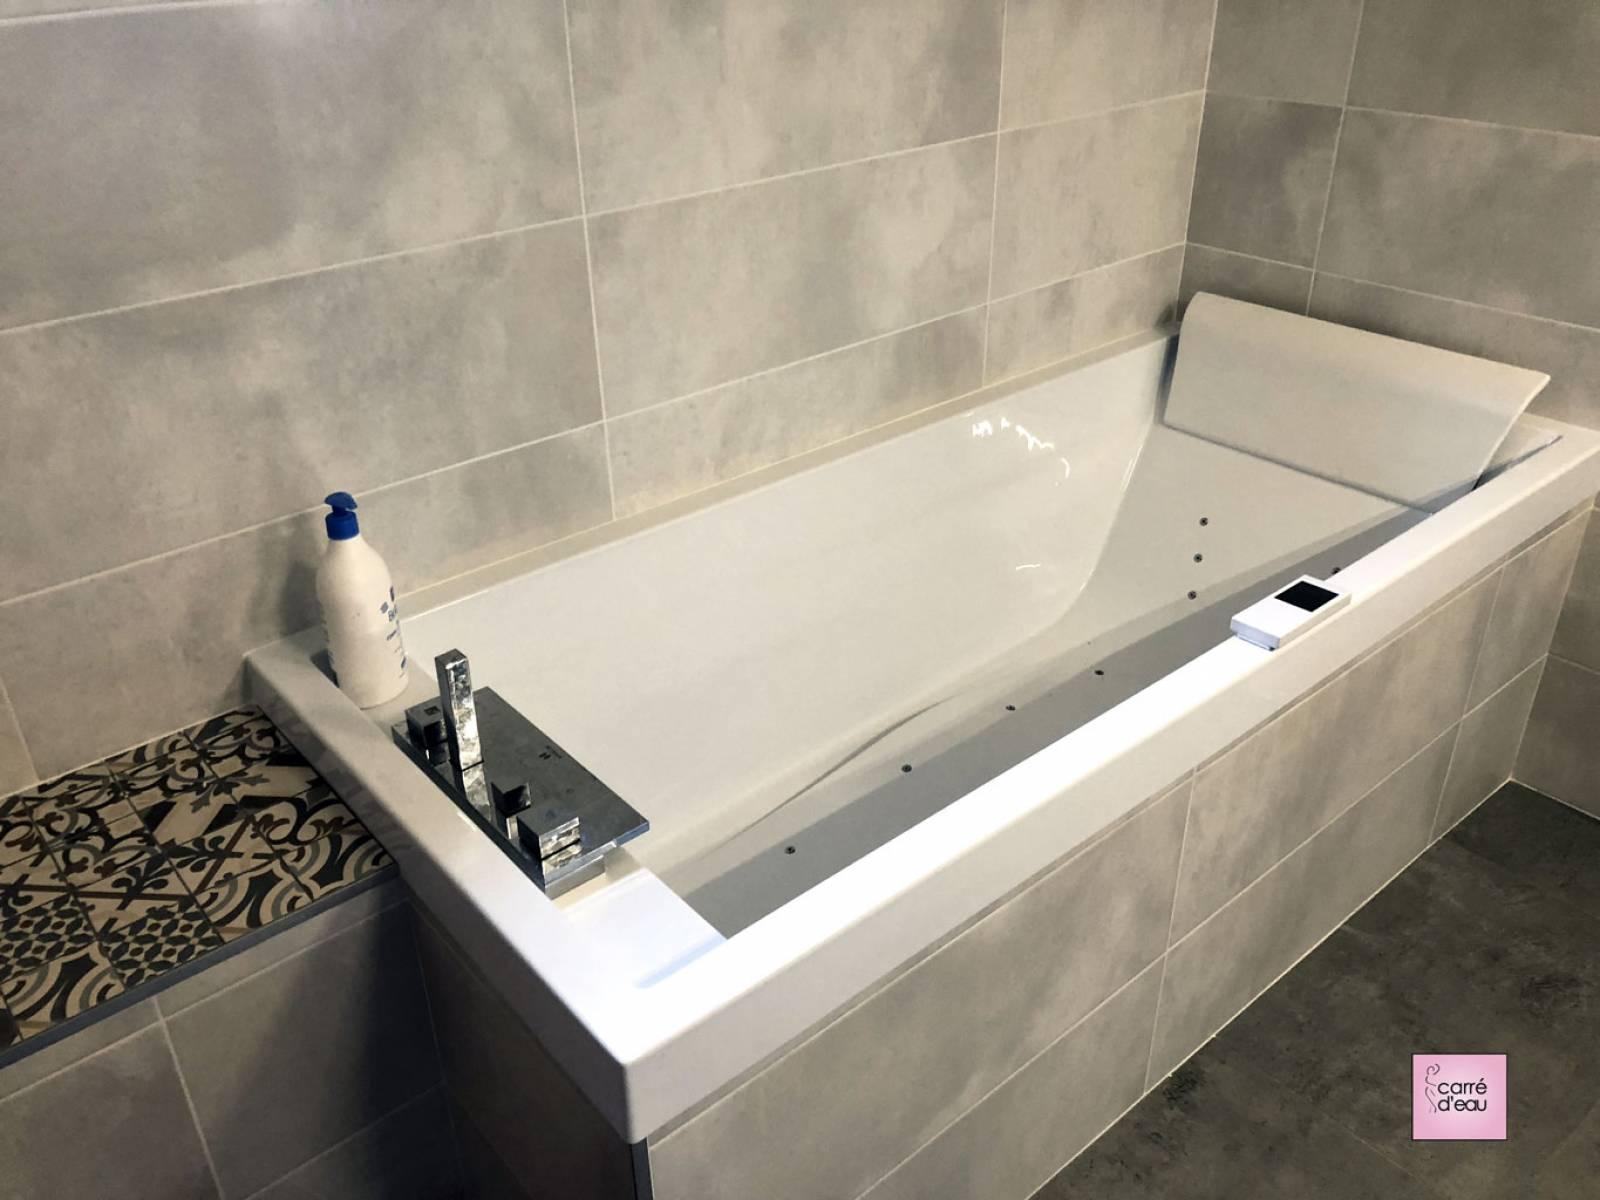 Salle de bain à baignoire balnéothérapie à Montpellier - Carré d\'eau